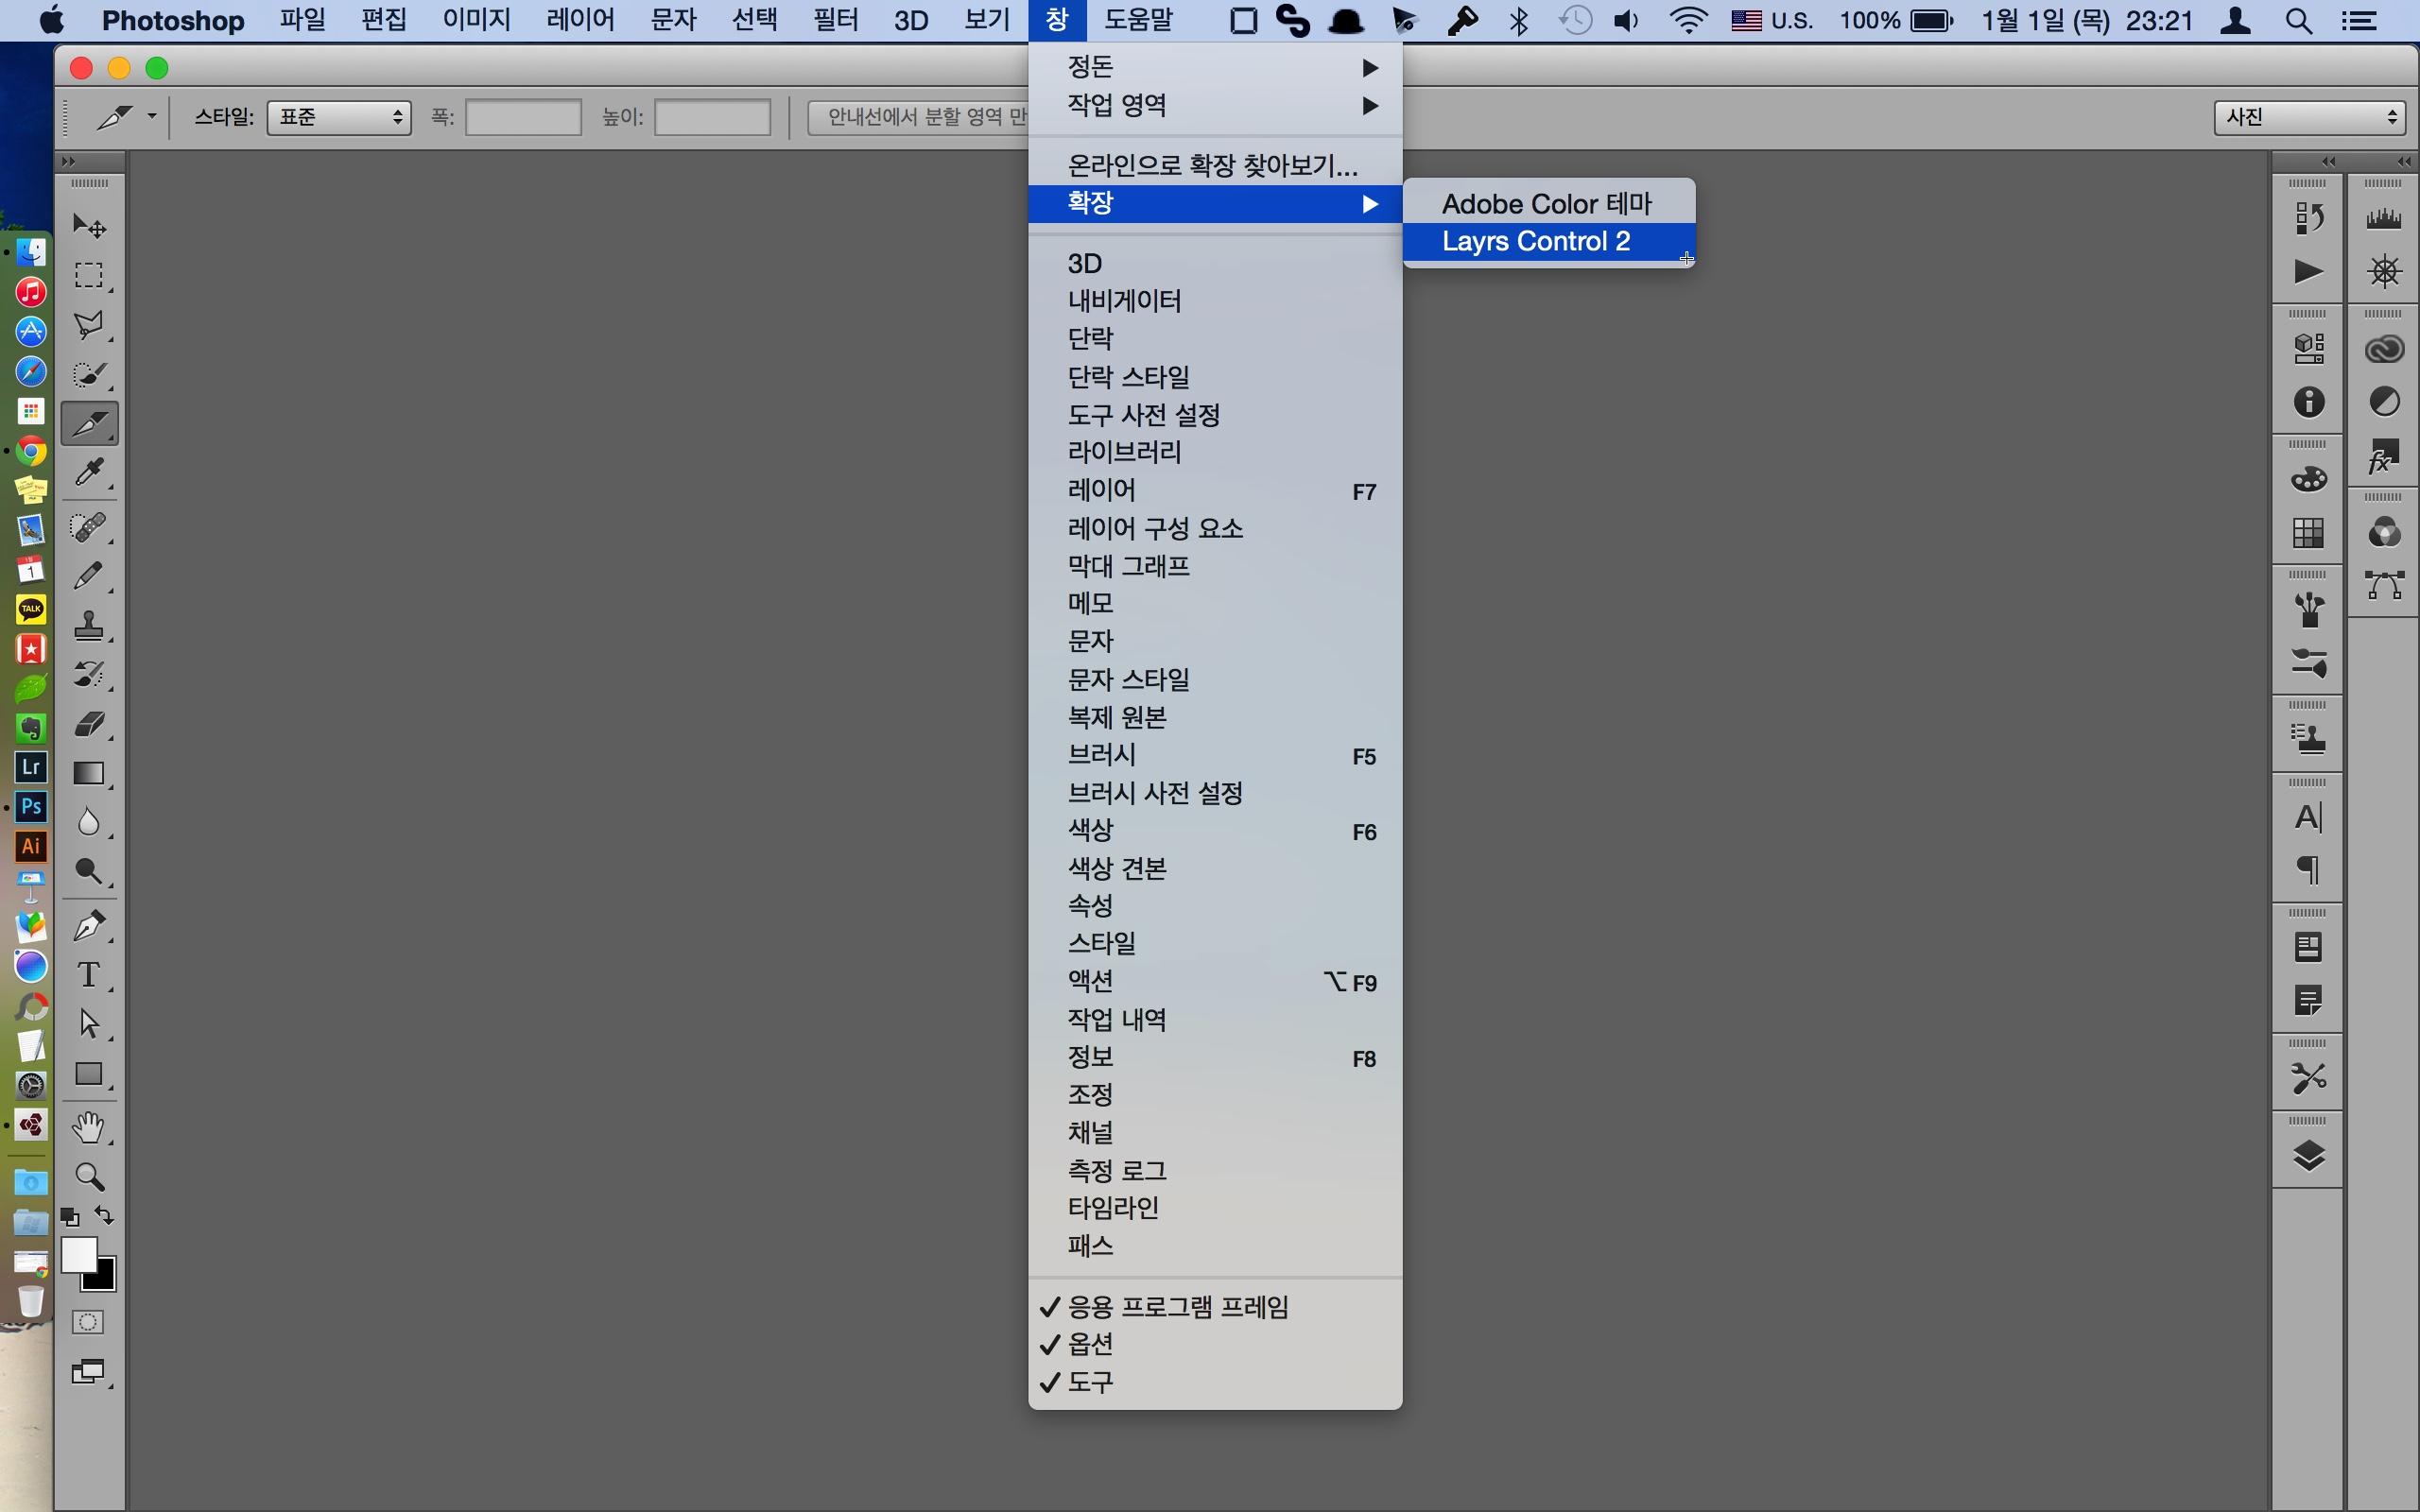 포토샵 CC 2014 Layer Control 2 메뉴 위치